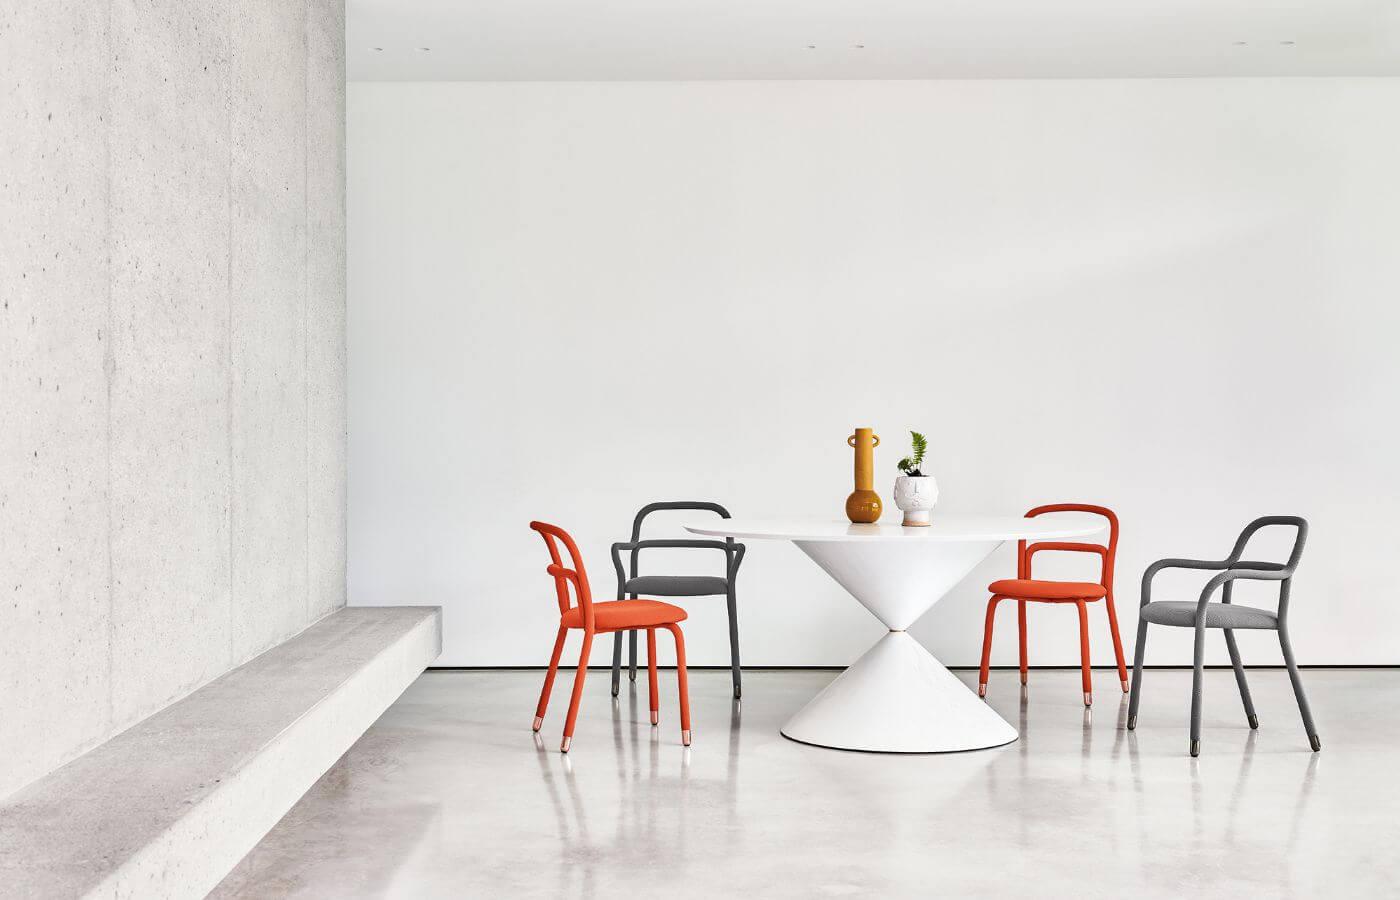 tavoli-collezione-clessidra-il-mobile (1)